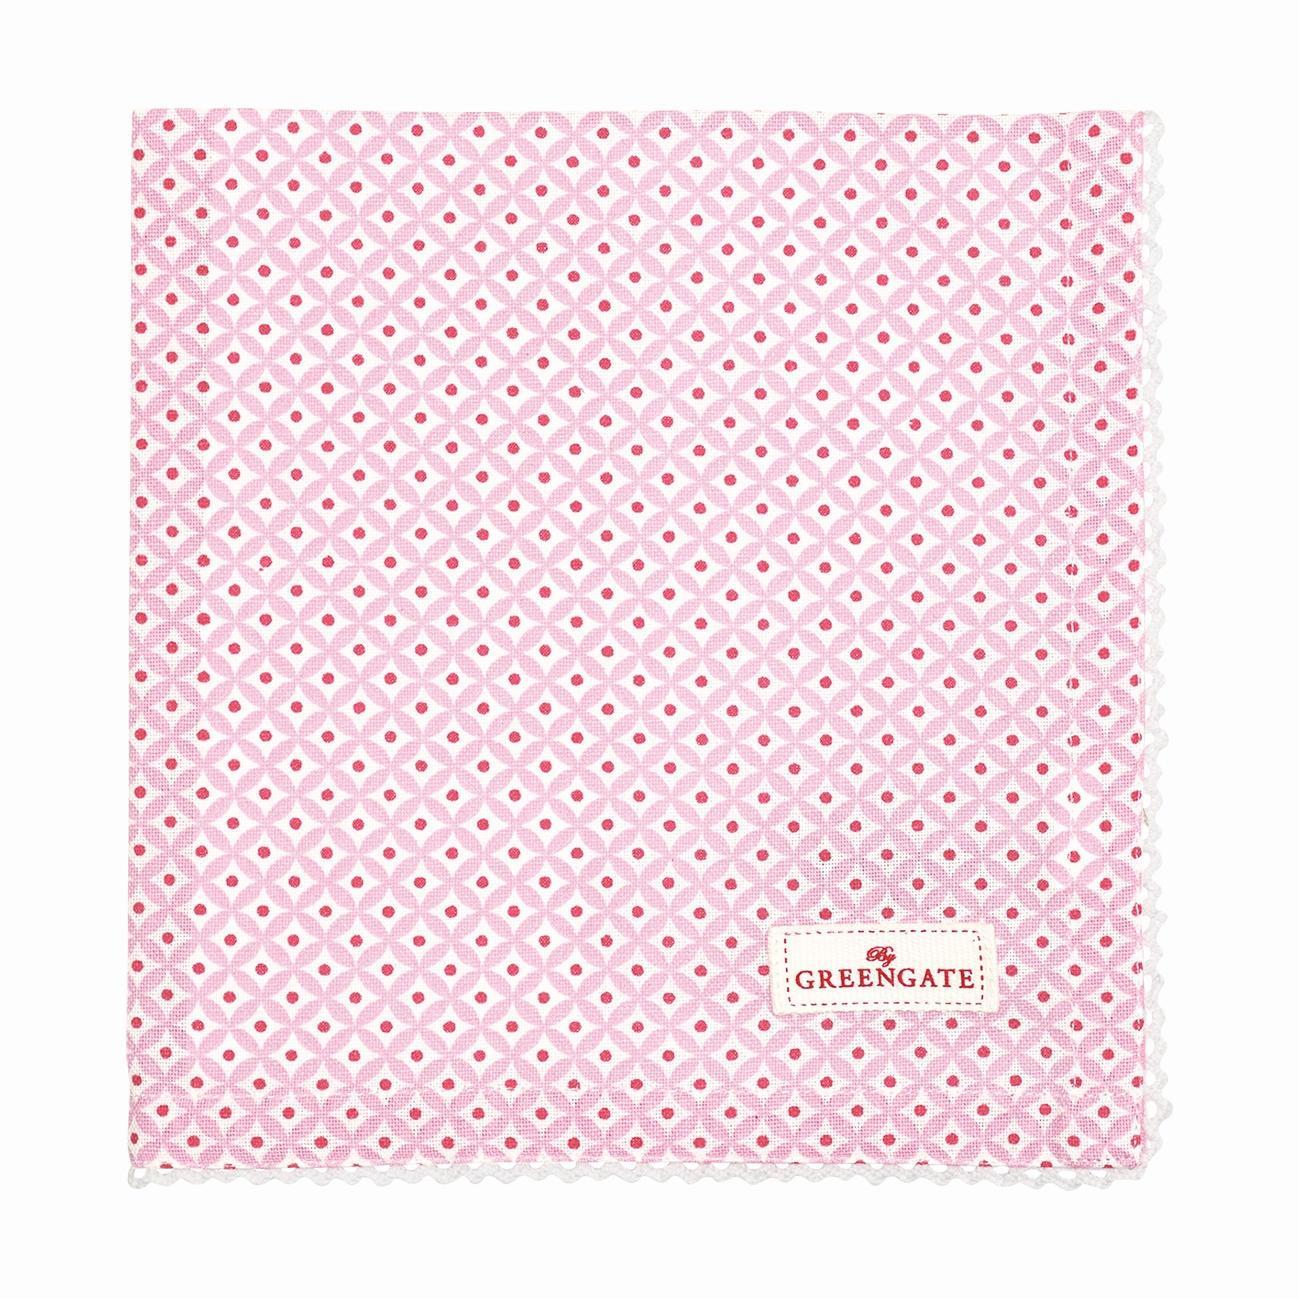 GREEN GATE Látkový ubrousek Noa raspberry, růžová barva, textil